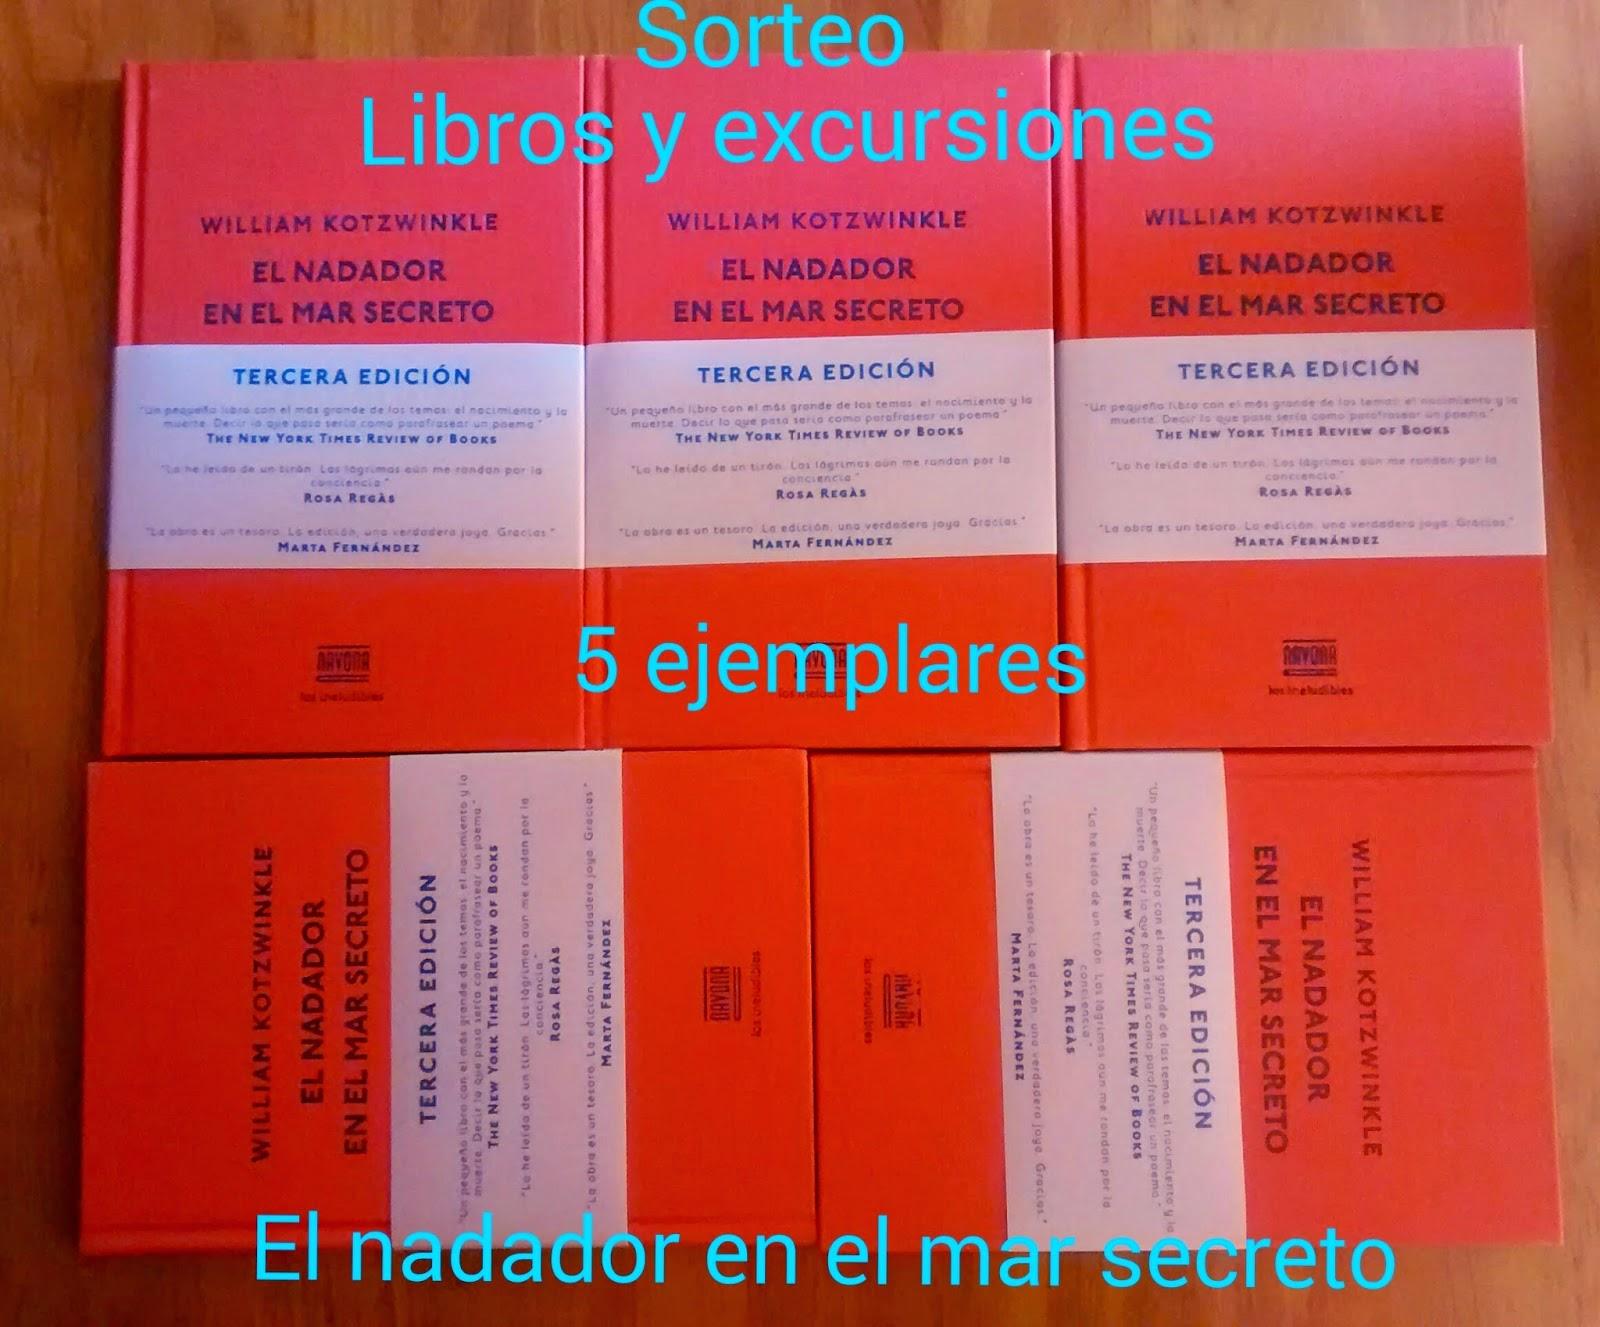 http://librosyexcursiones.blogspot.com.es/2015/02/sorteo-el-nadador-en-el-mar-secreto.html